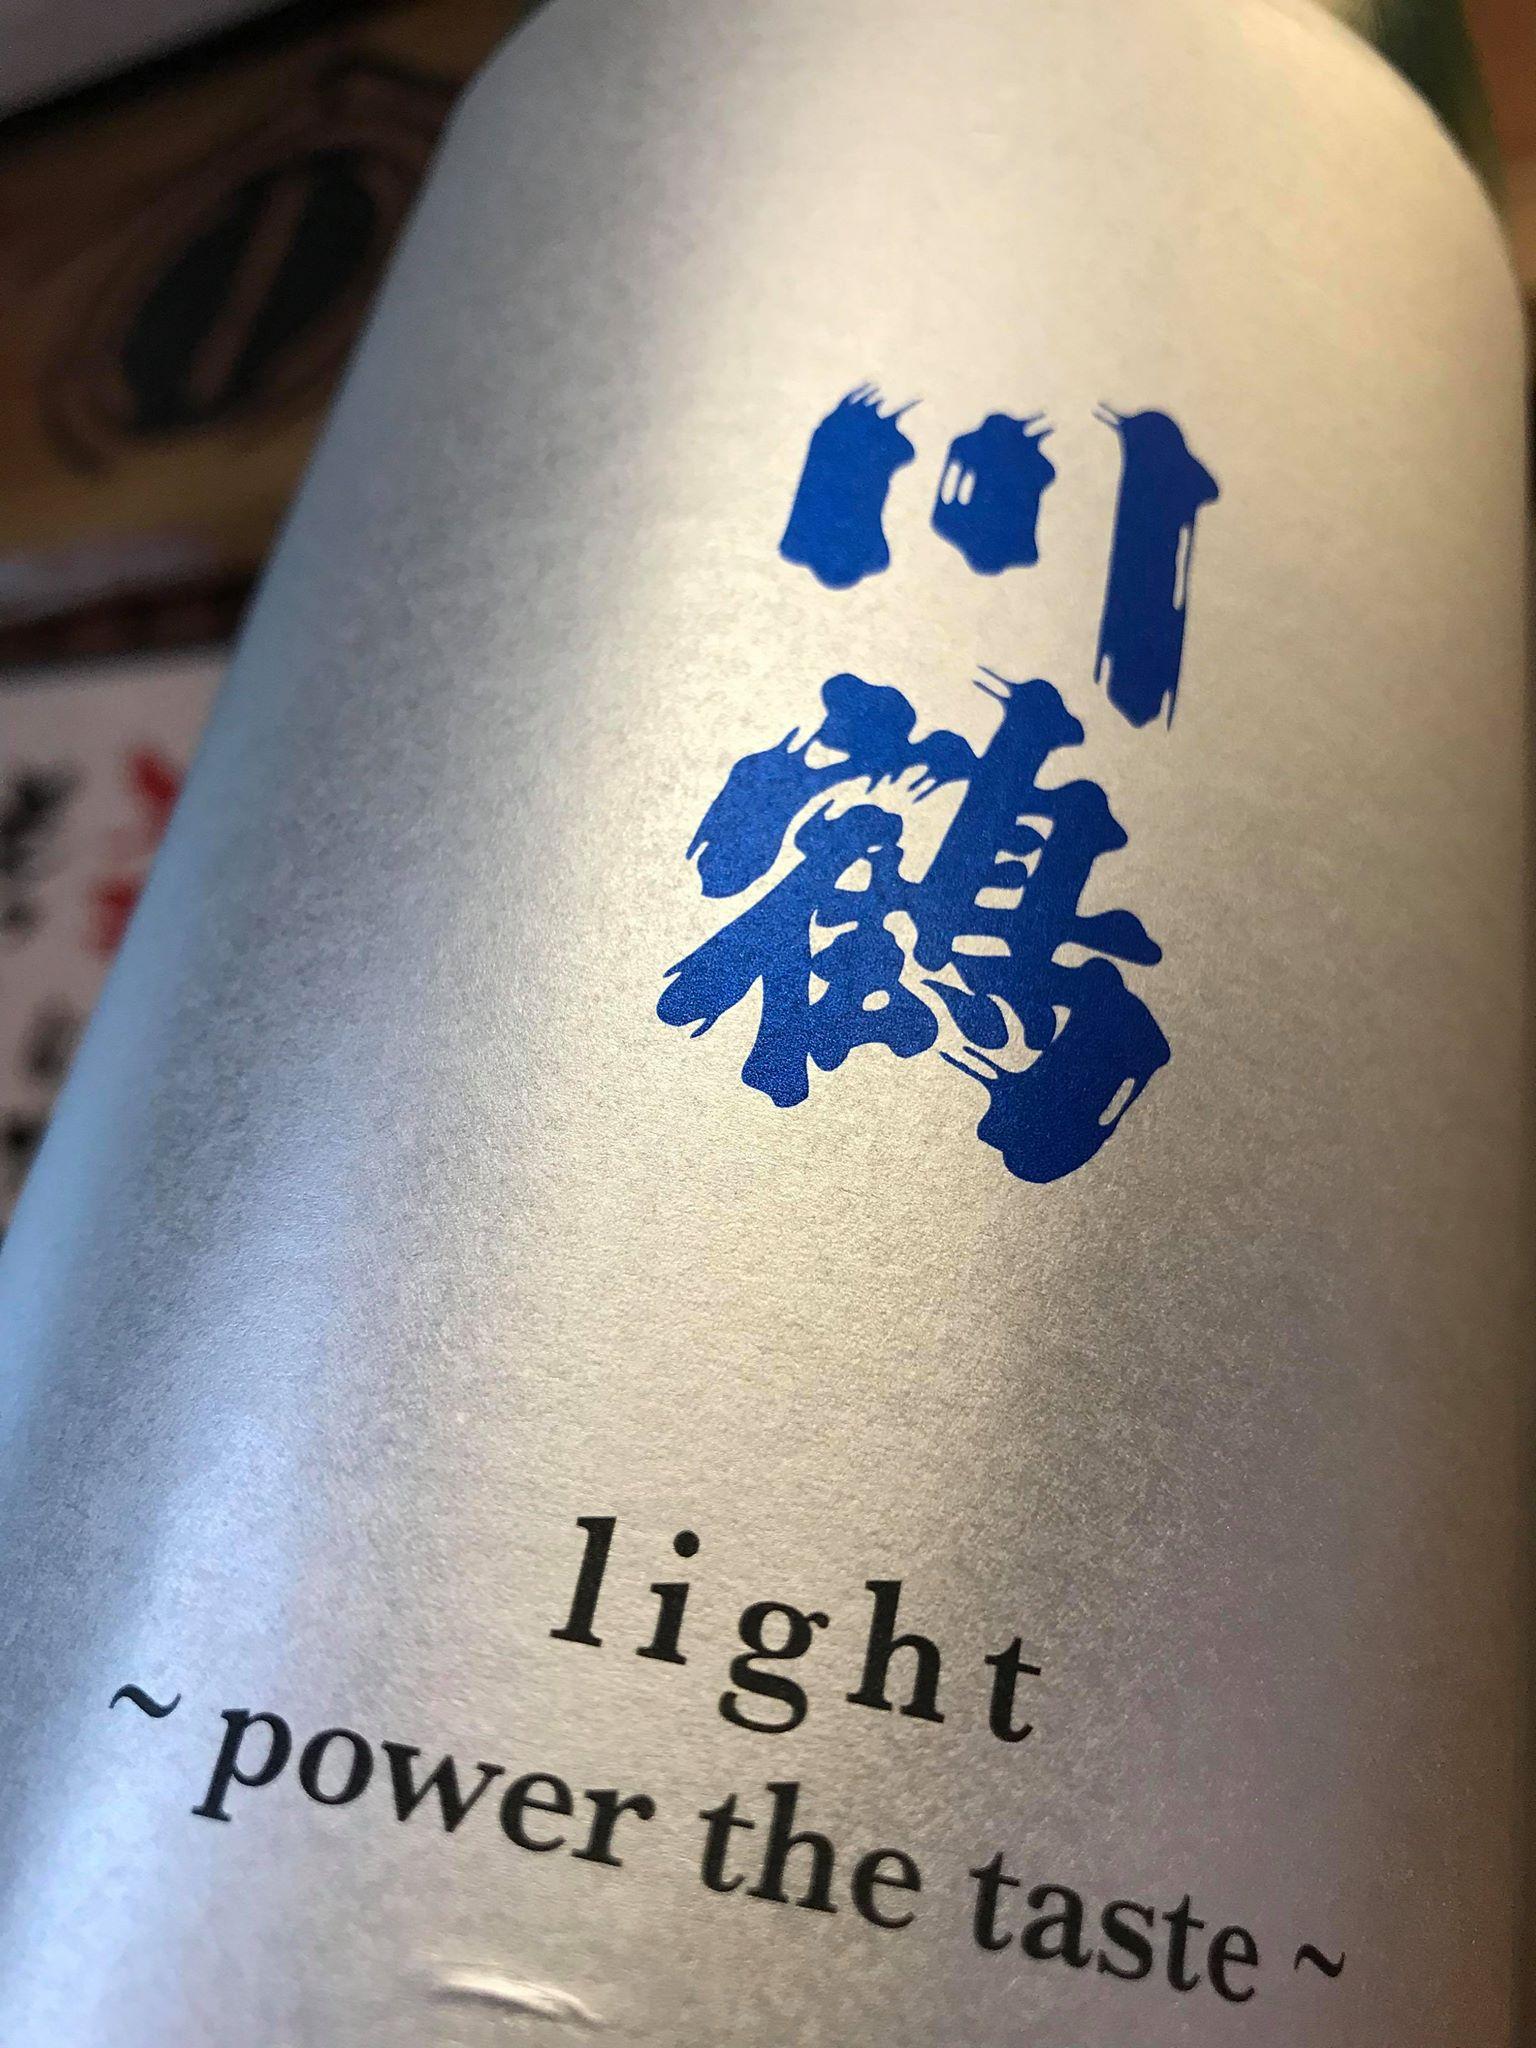 【日本酒】川鶴 light~power the taste~ 純米吟醸酒 限定 29BY_e0173738_108354.jpg